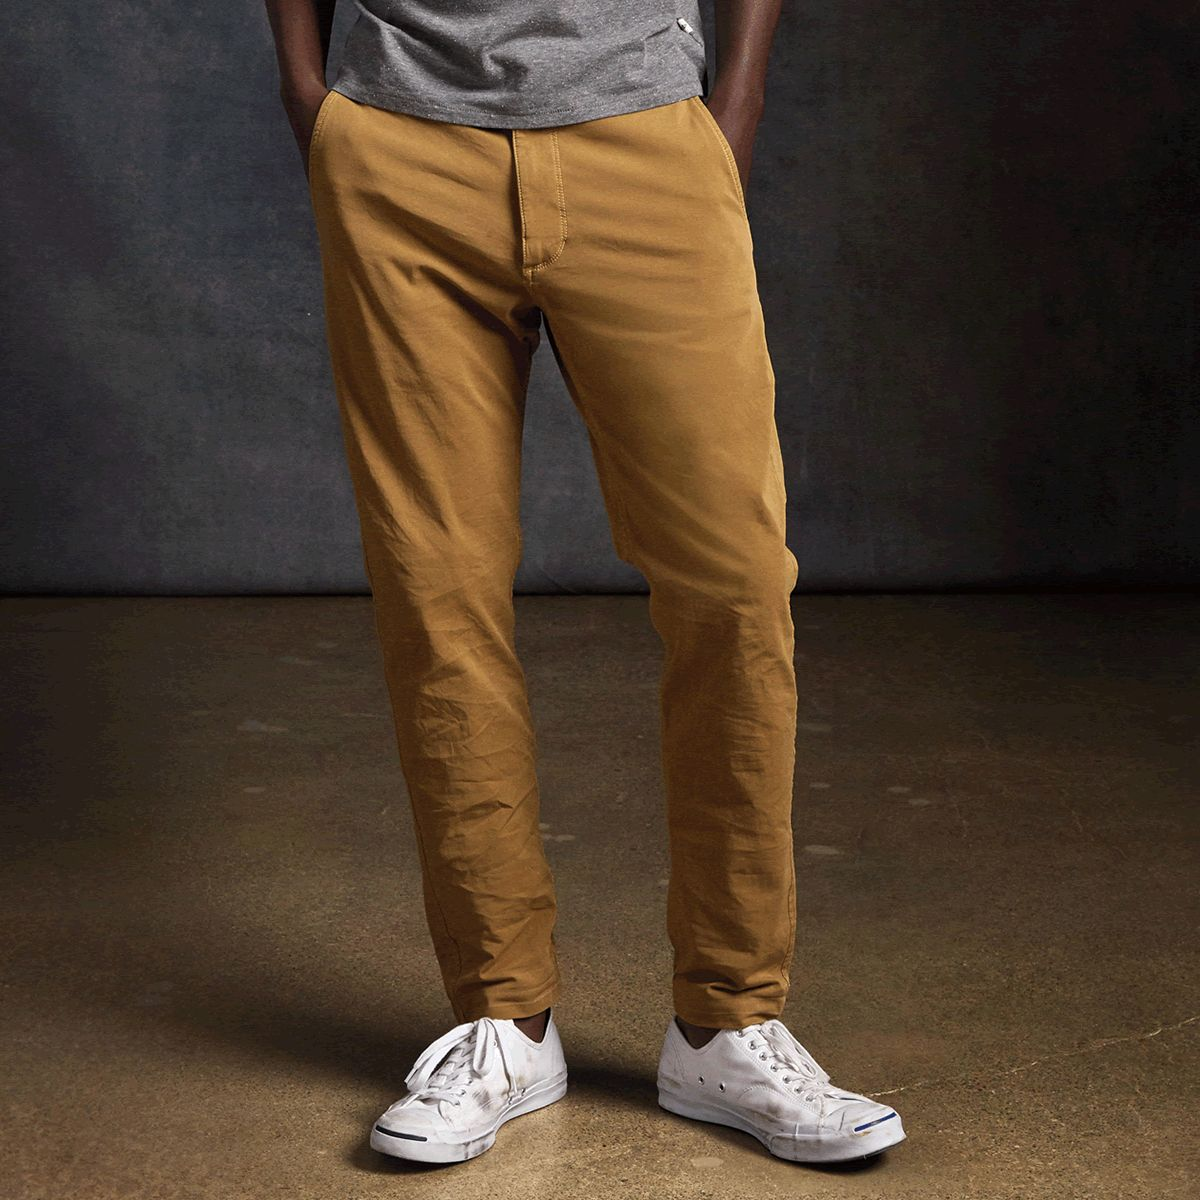 5c42144a7c5 Dockers - Men s Dockers Pants